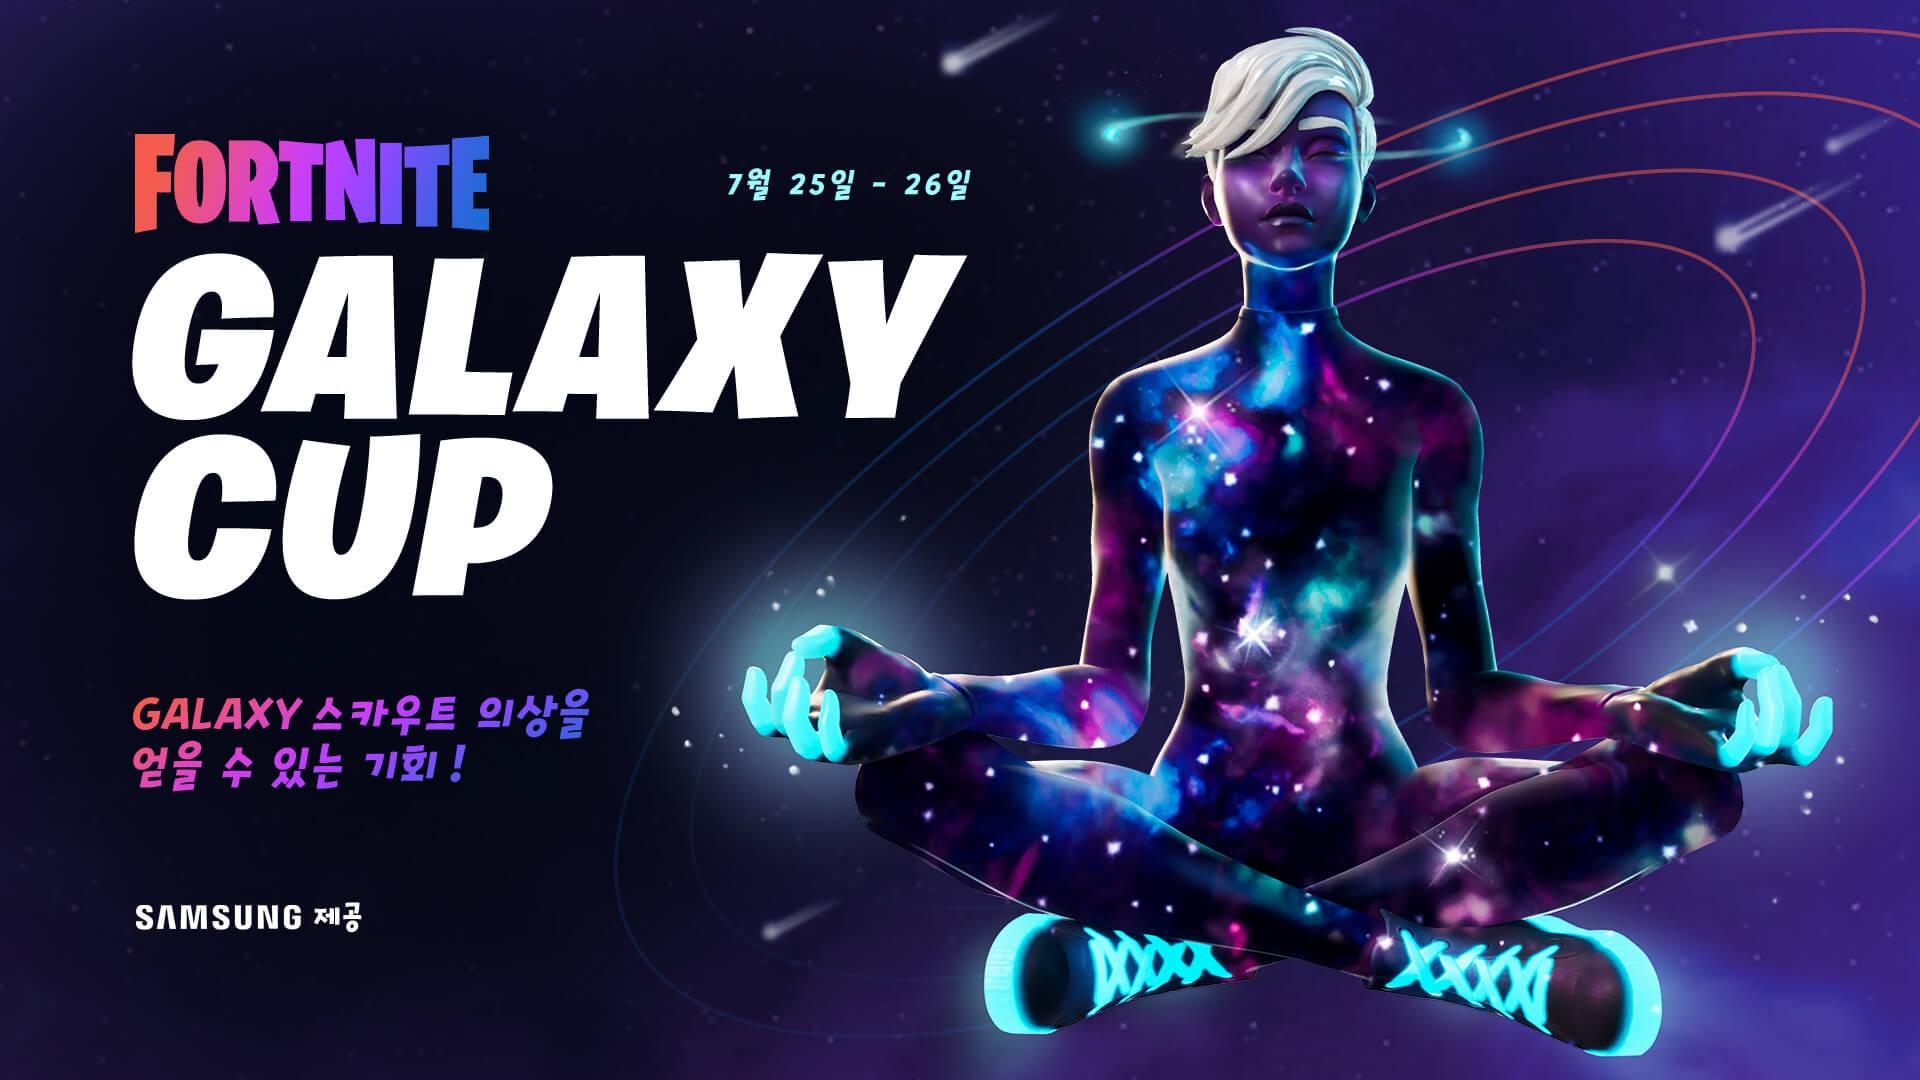 KR 13BR GalaxyCup V2 Social